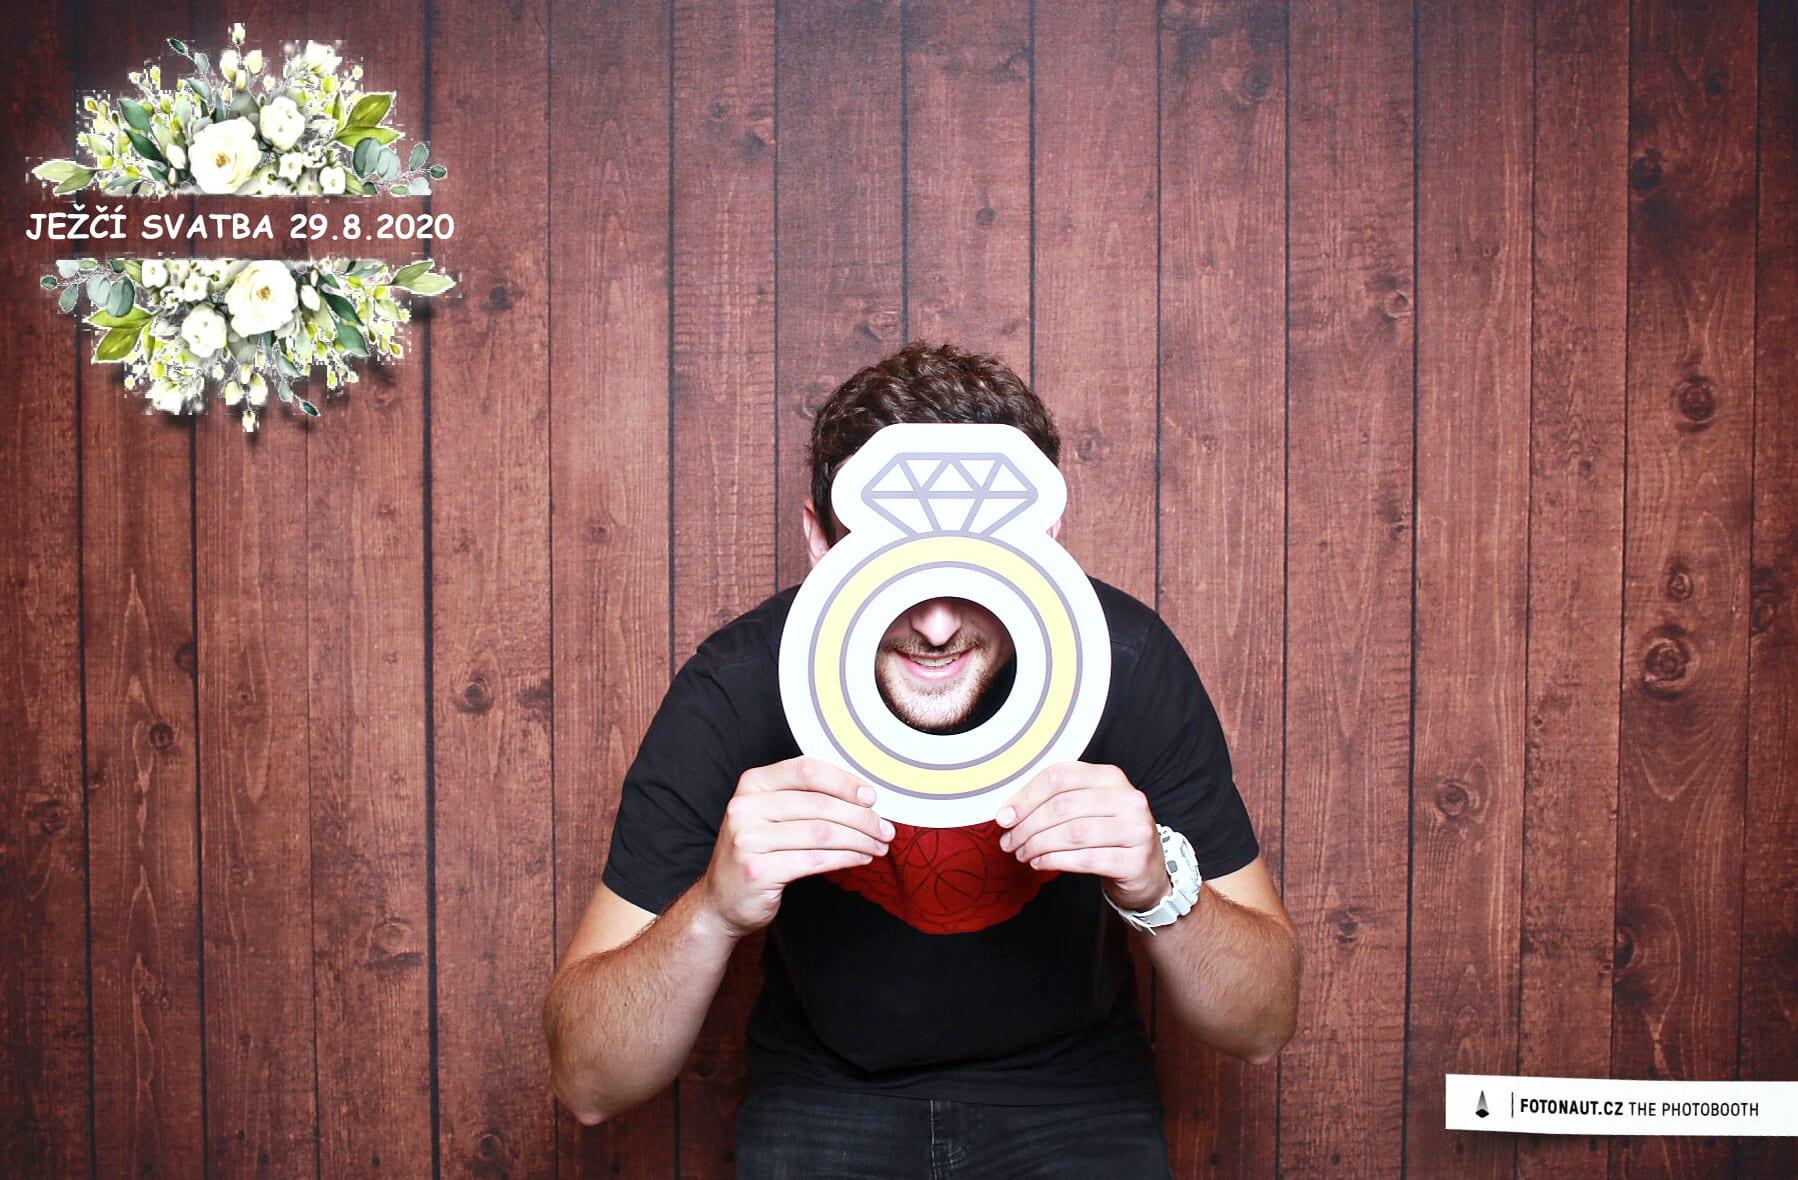 fotokoutek-svatba-jezci-svatba-29-8-2020-729751